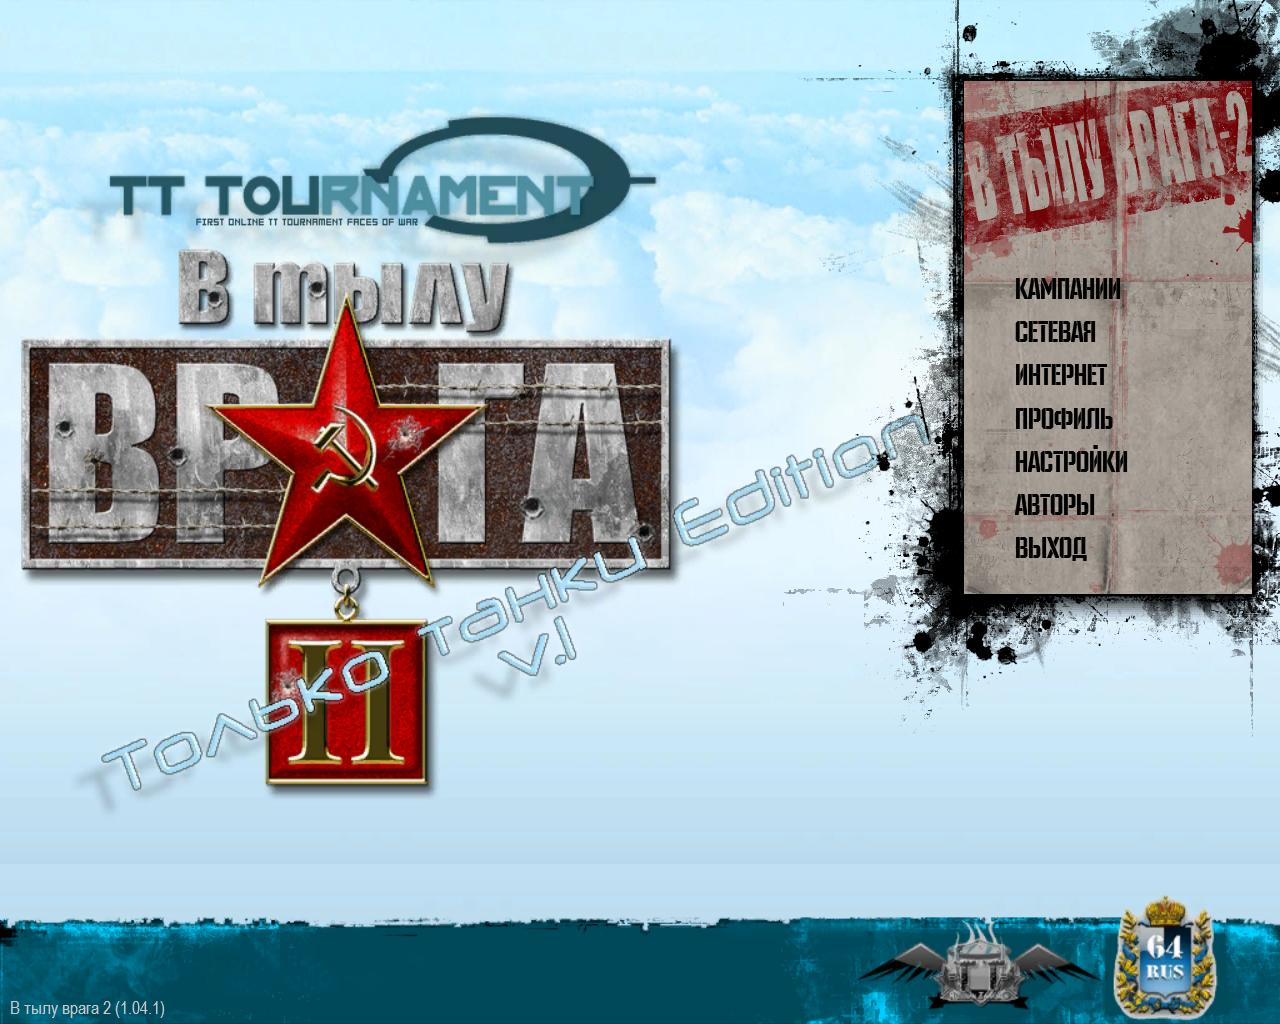 TT-Tournament - мод для игры В тылу врага 2, 1.04.1. Распакова